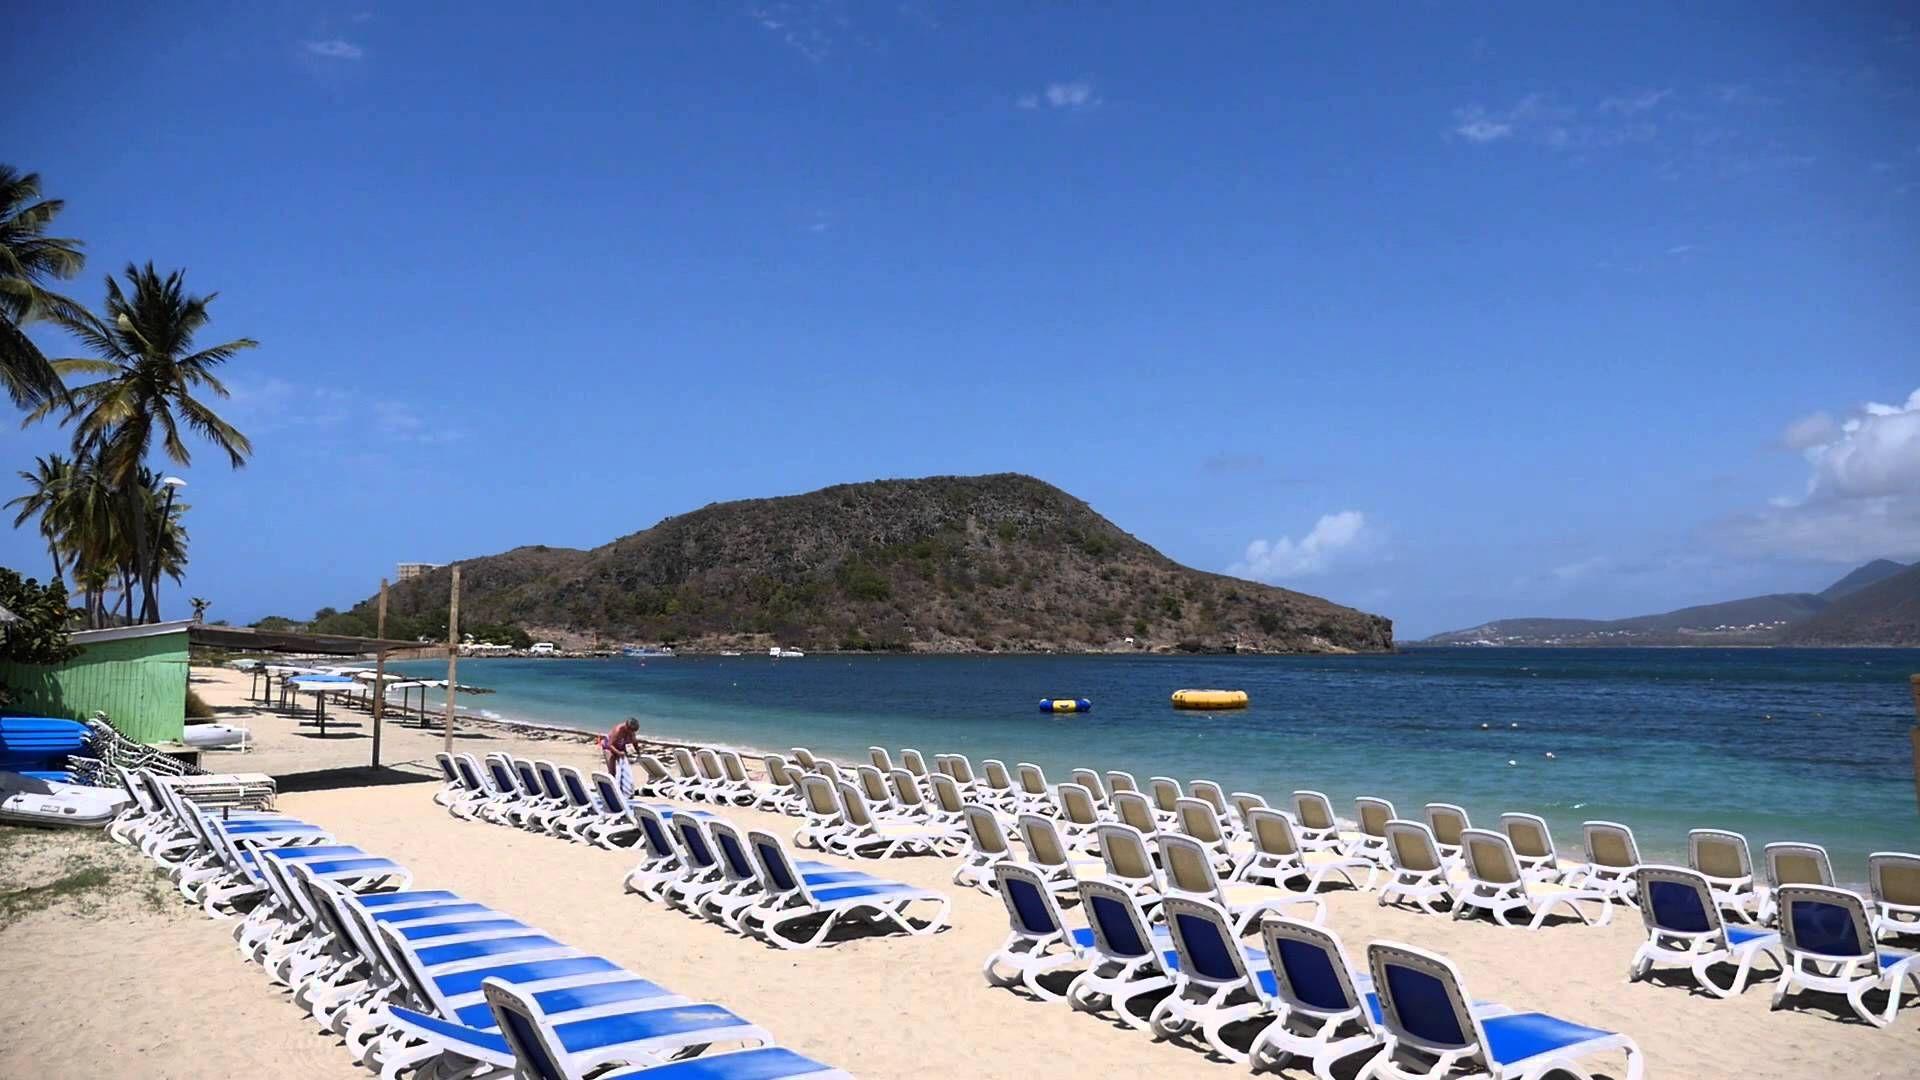 Leshell Beach St Kitts Lumix Gh4